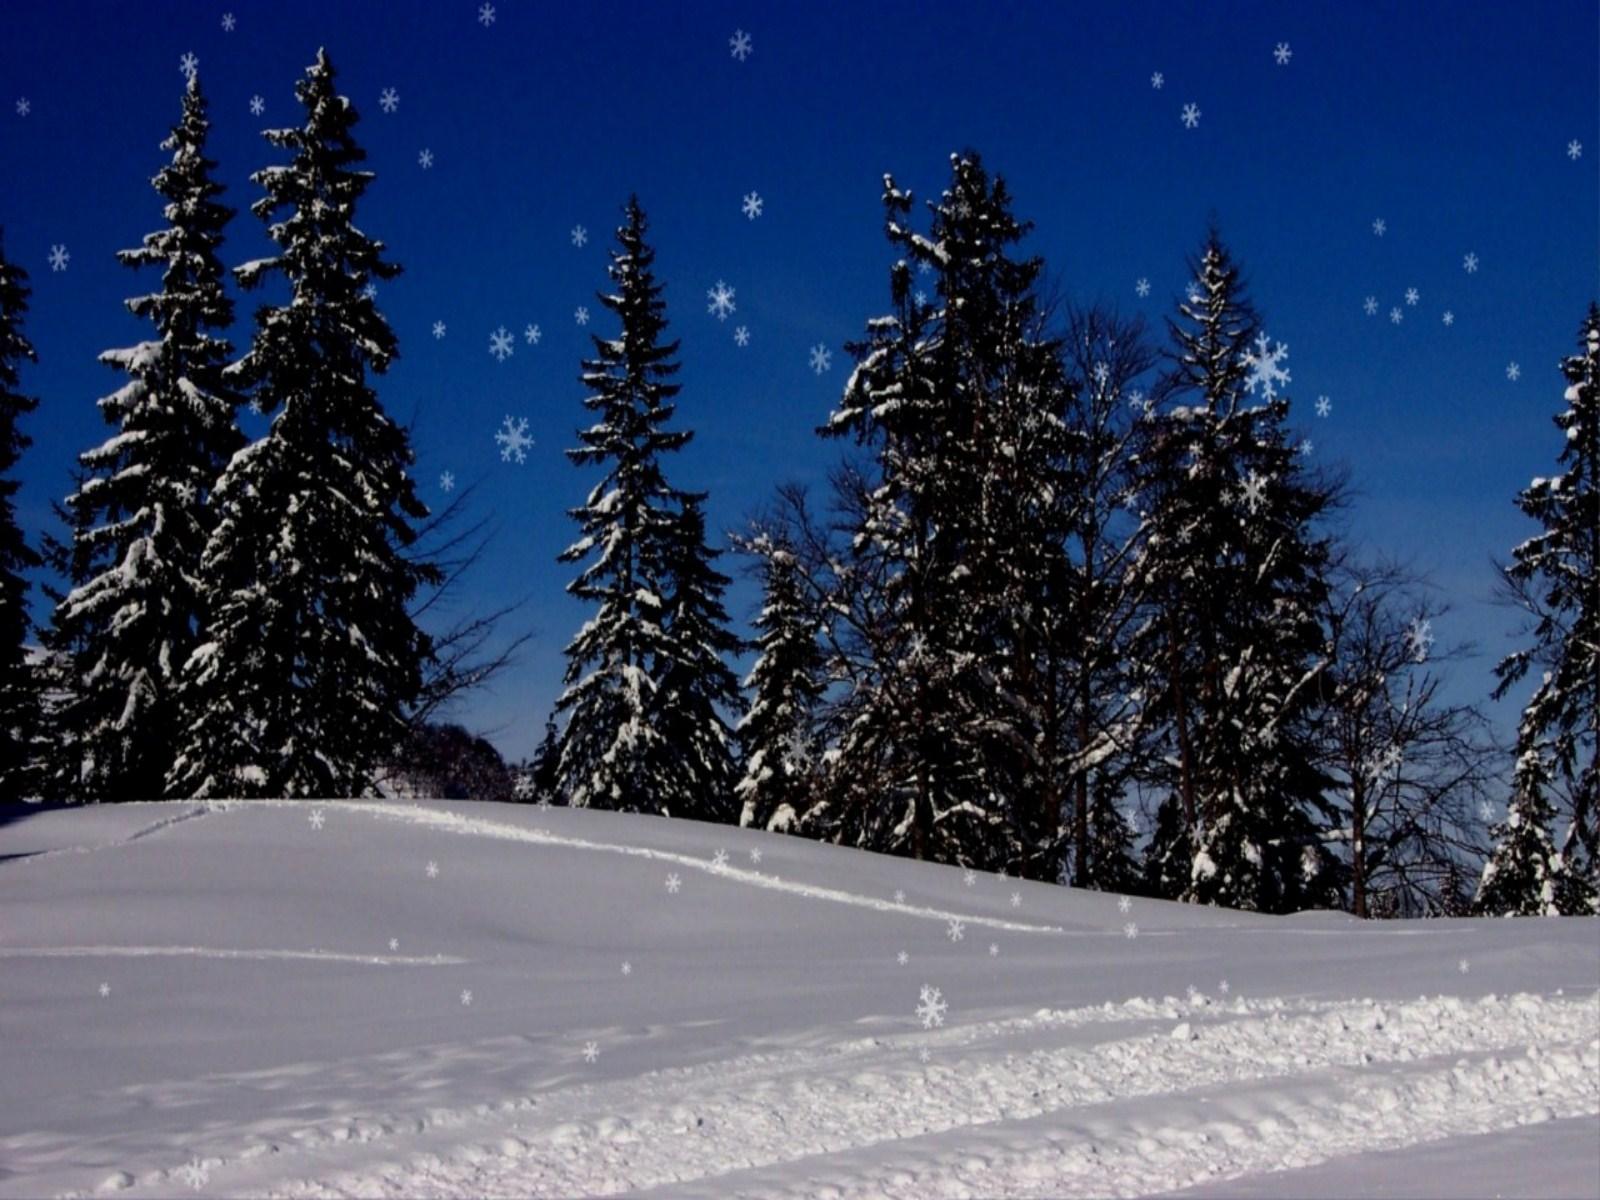 Free Christmas Wallpaper Snow Falling - WallpaperSafari